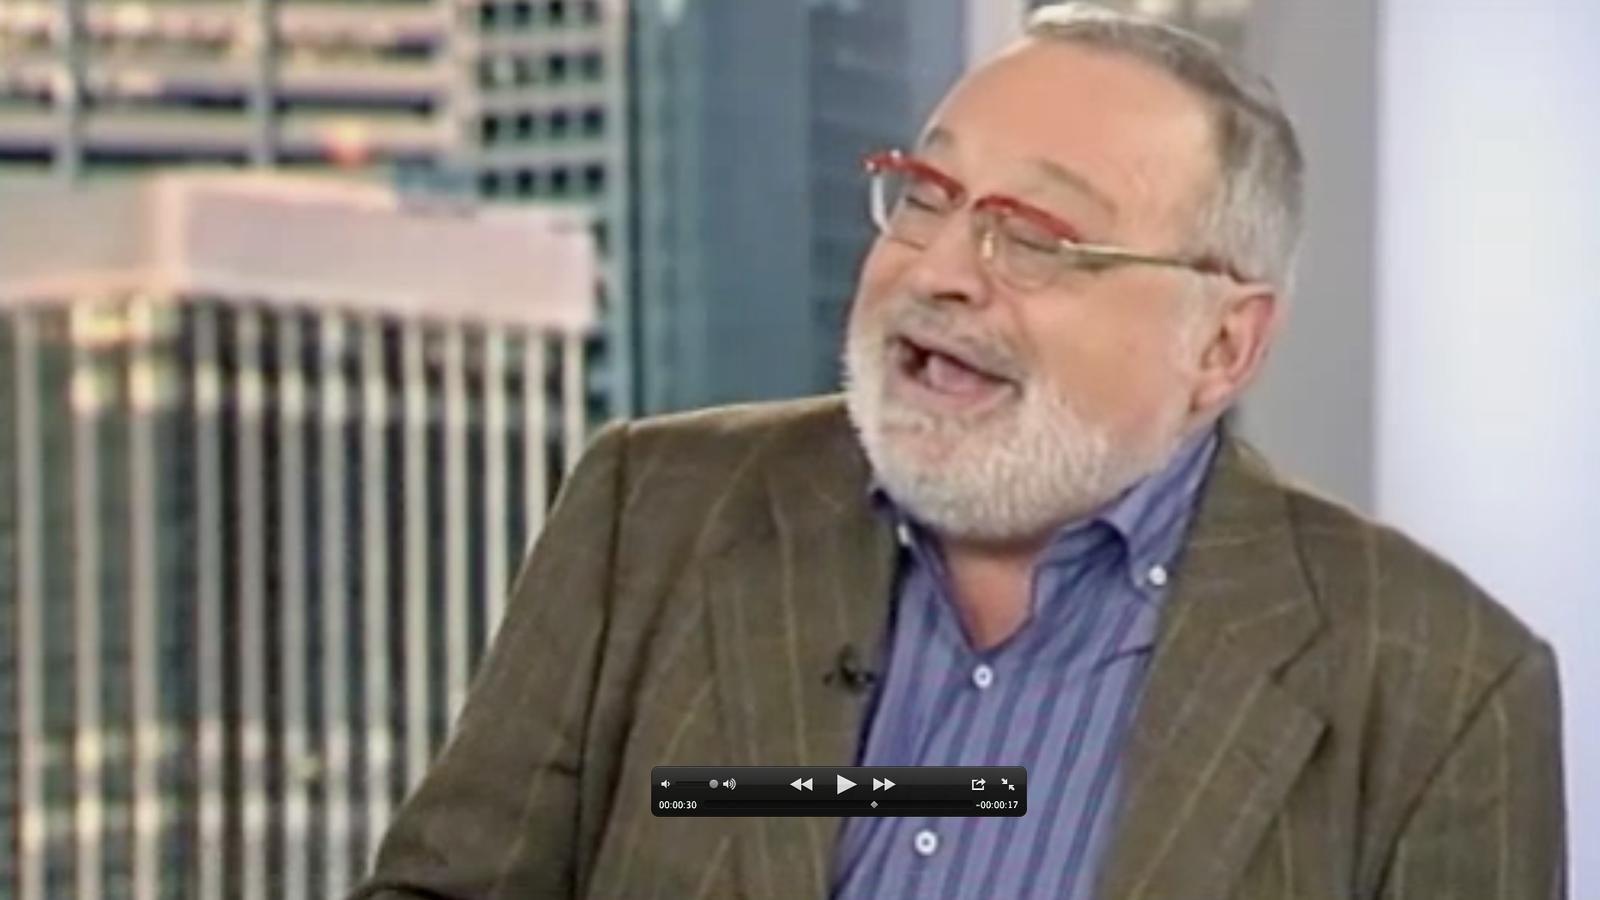 Fernando Savater diu en una entrevista que gràcies al terrorisme s'ha mantingut actiu i s'ha divertit molt